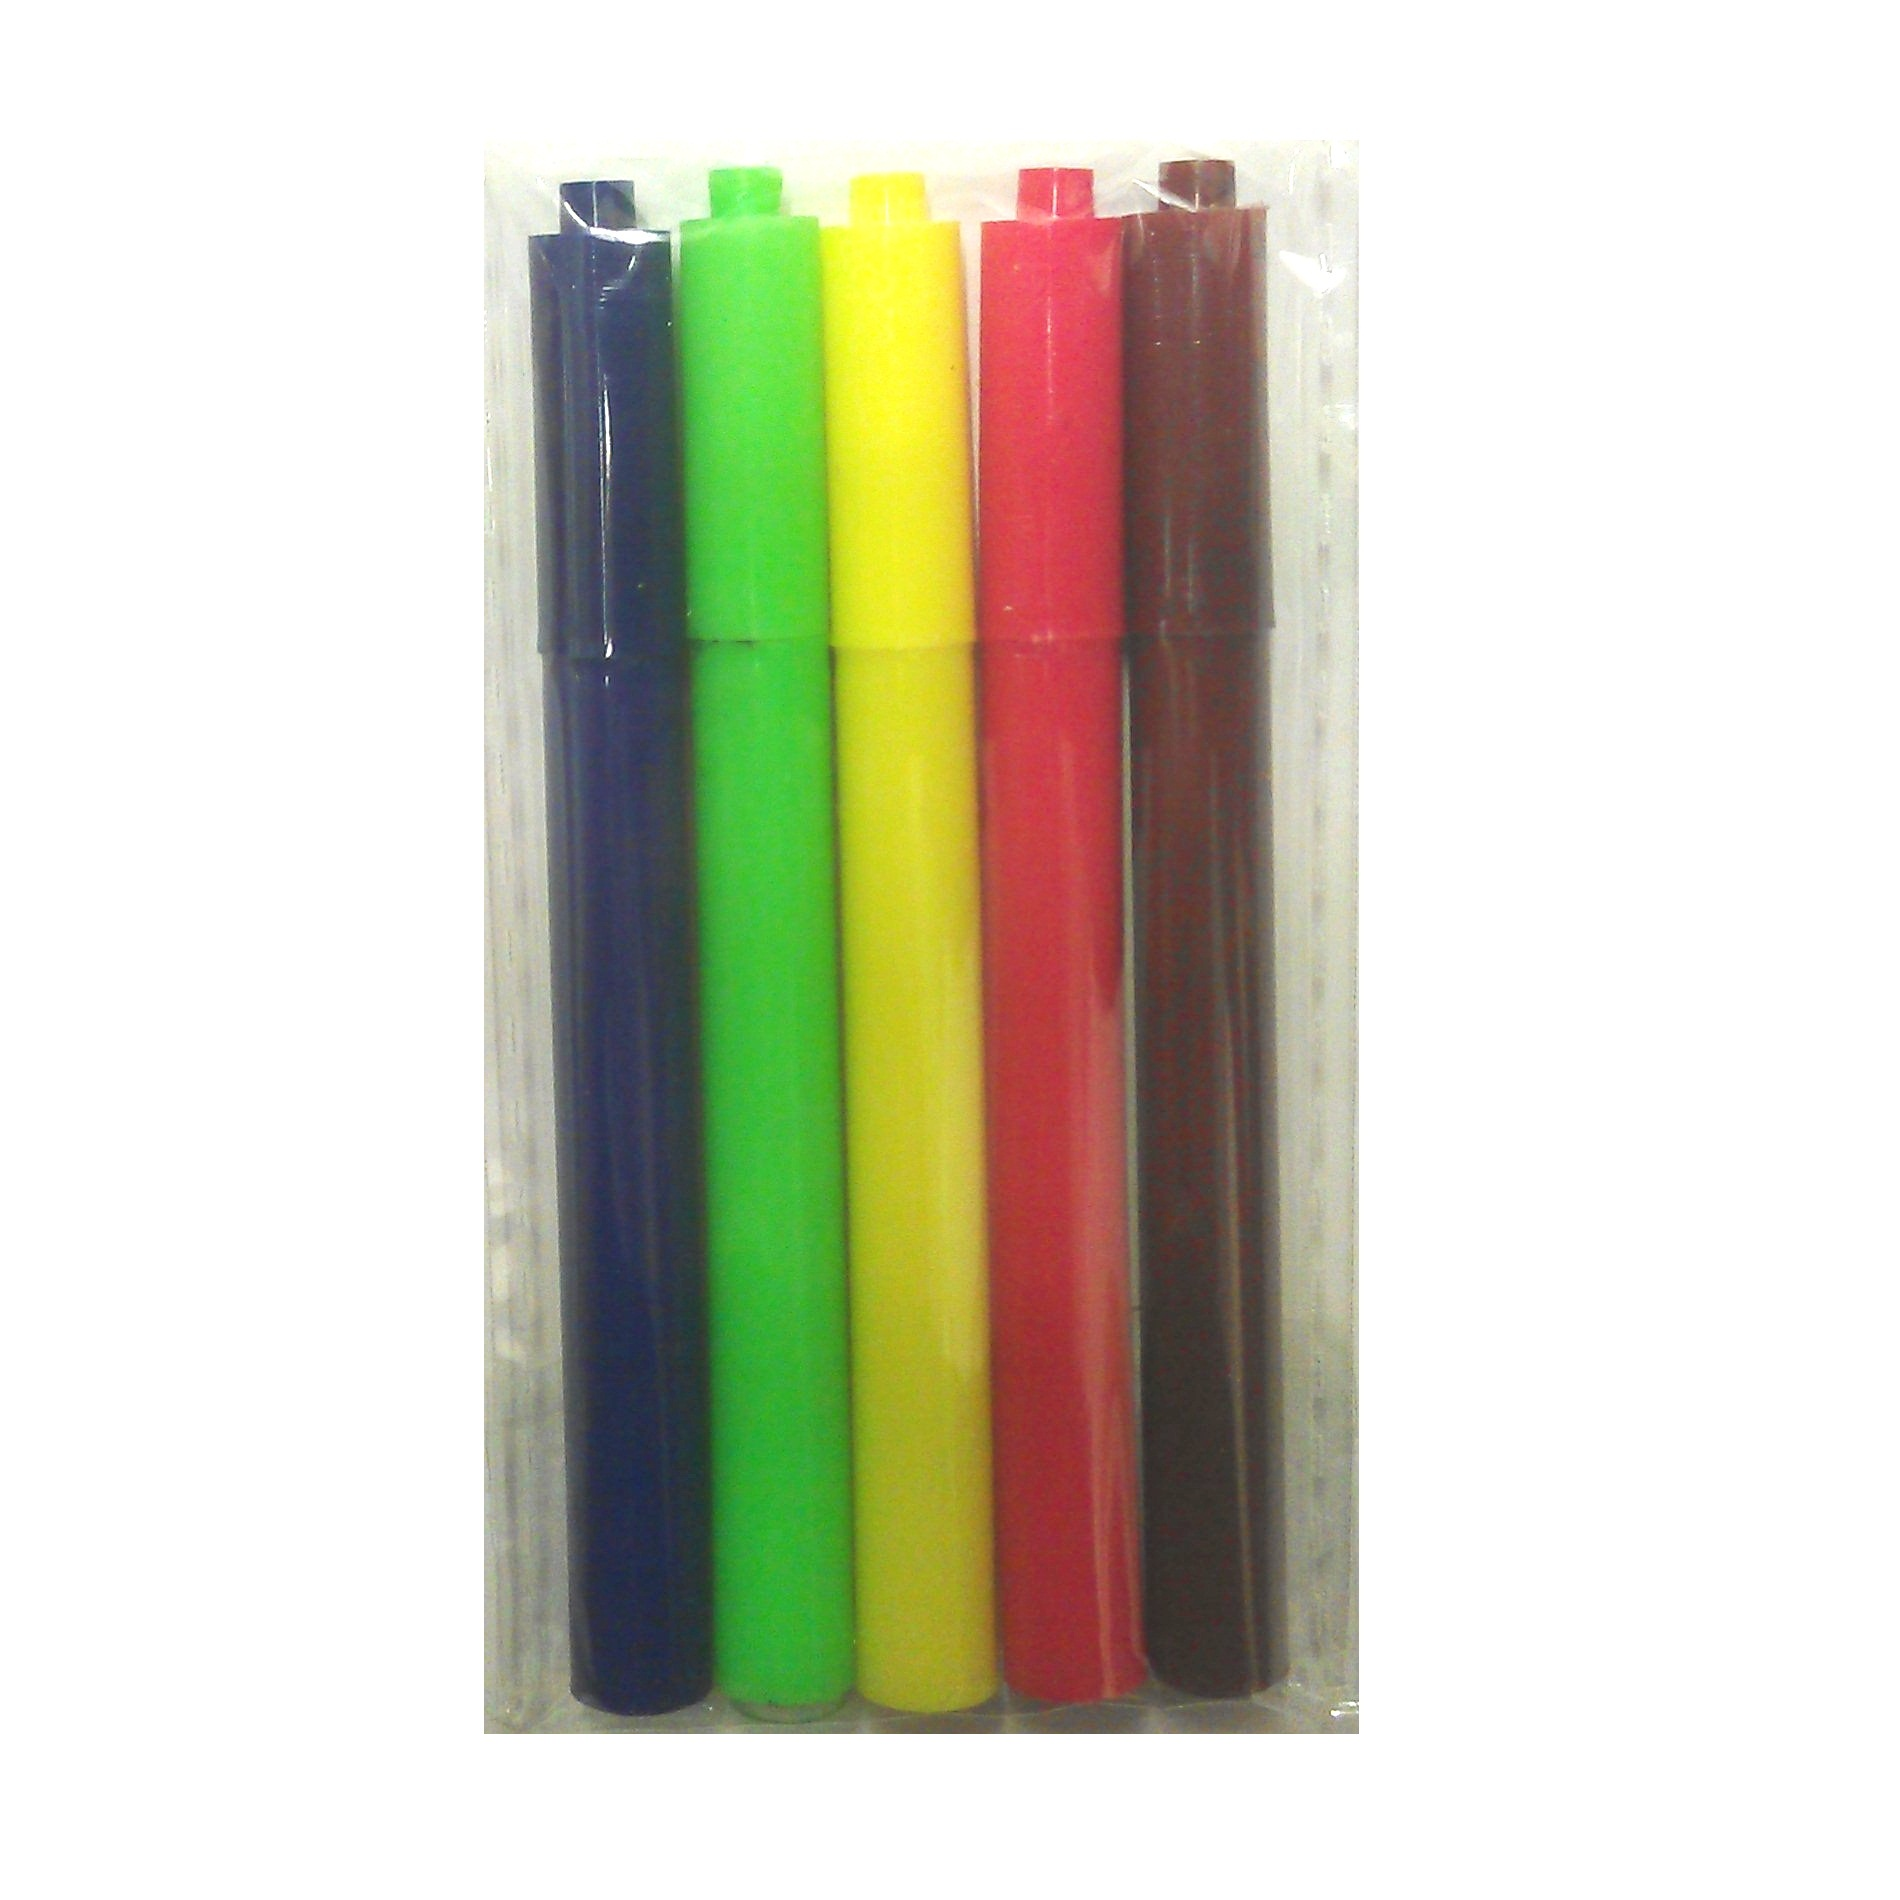 Mini fibre colouring pens felt tips party bag fillers